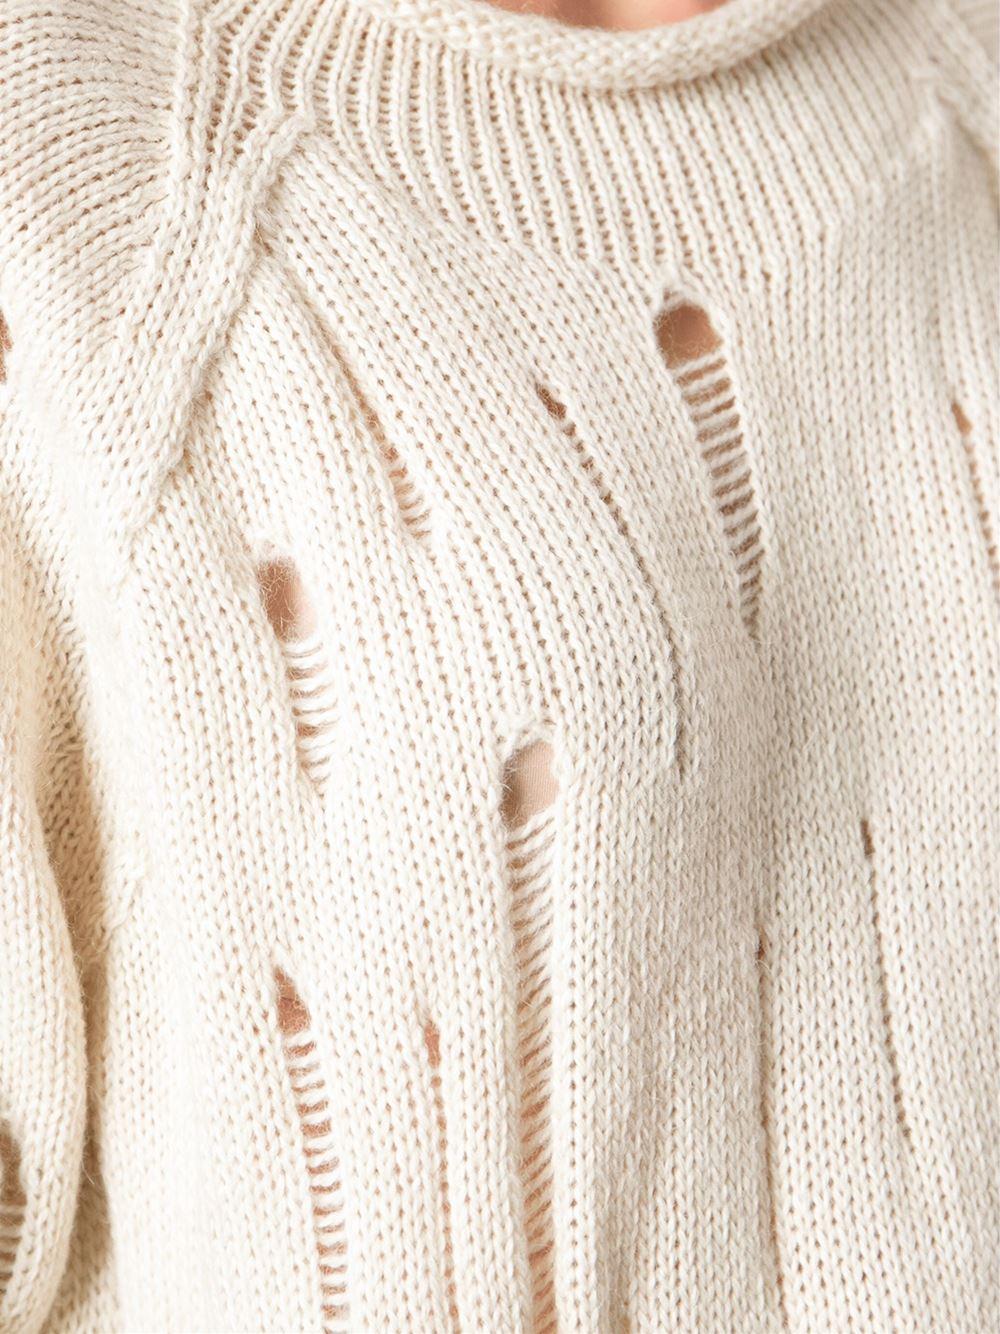 Gat Rimon 'Doonie' Sweater in Natural